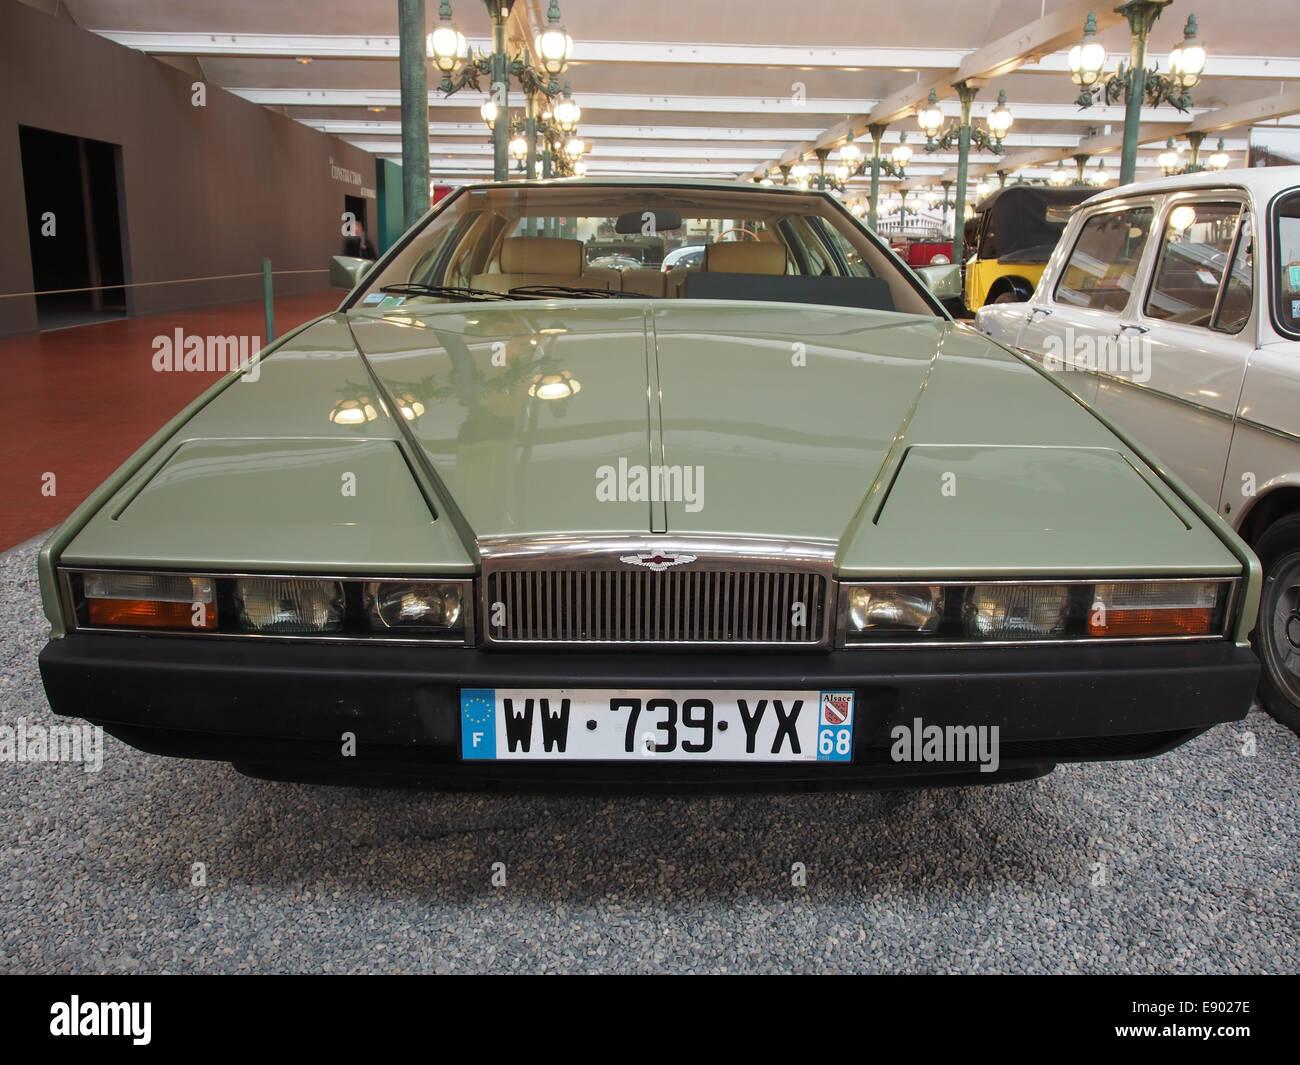 Aston Martin Lagonda Stockfotos Und Bilder Kaufen Alamy